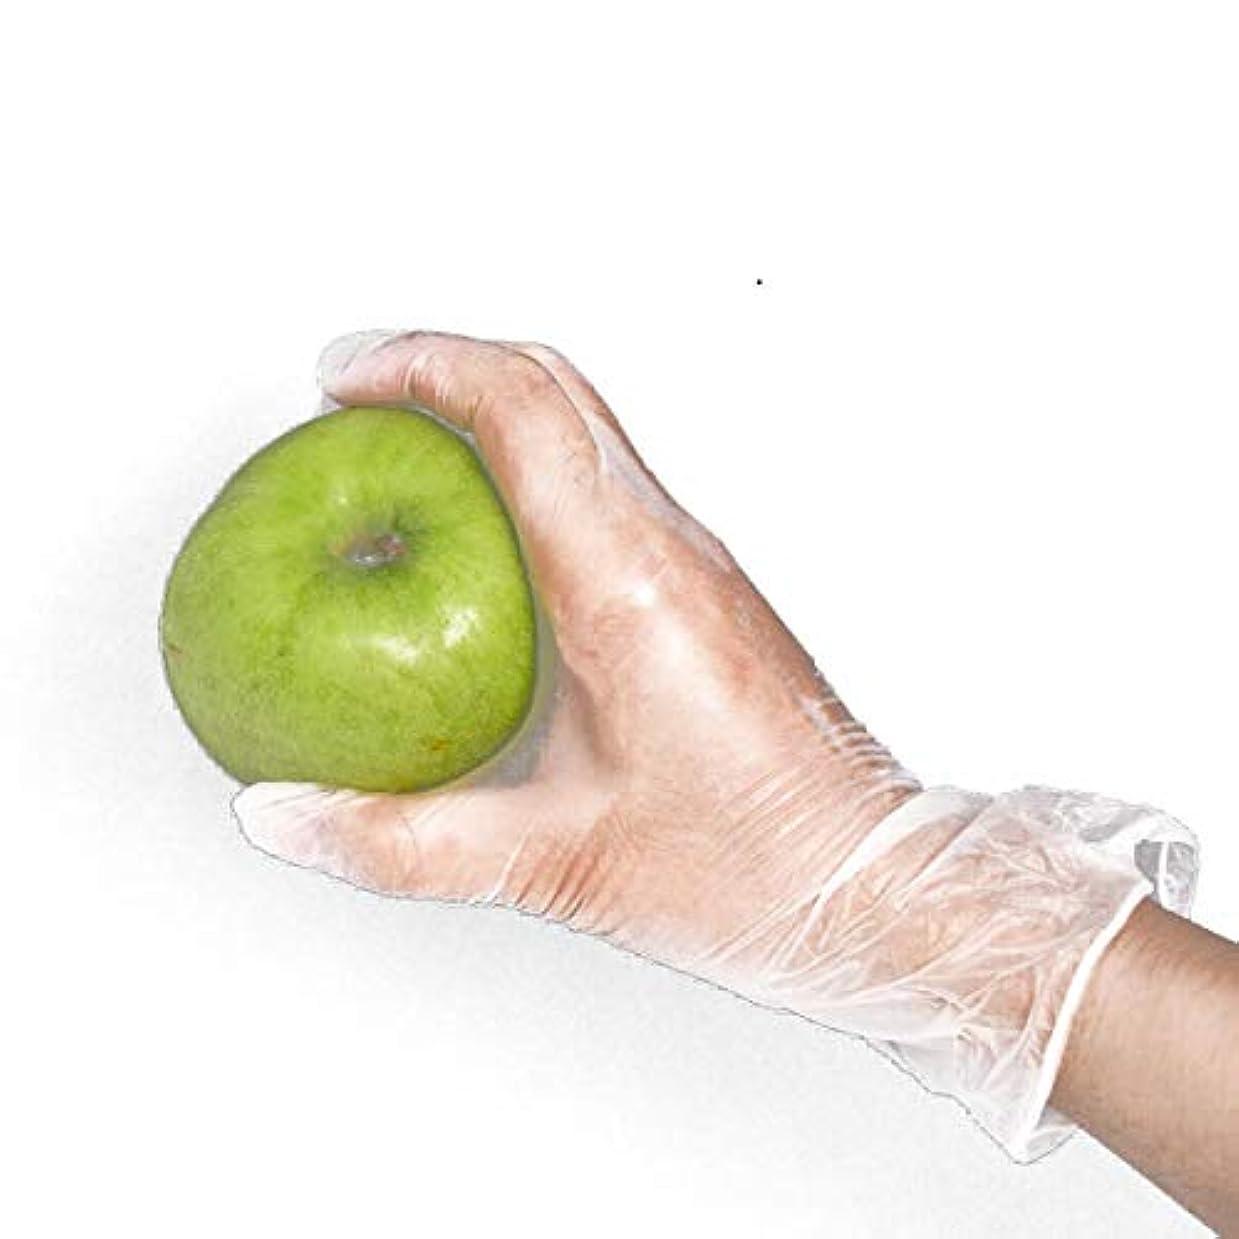 まさに音声洞察力のある[FJTK]使い捨て手袋 透明 100枚入 ホワイト 医療 美容 科学実験 (S)